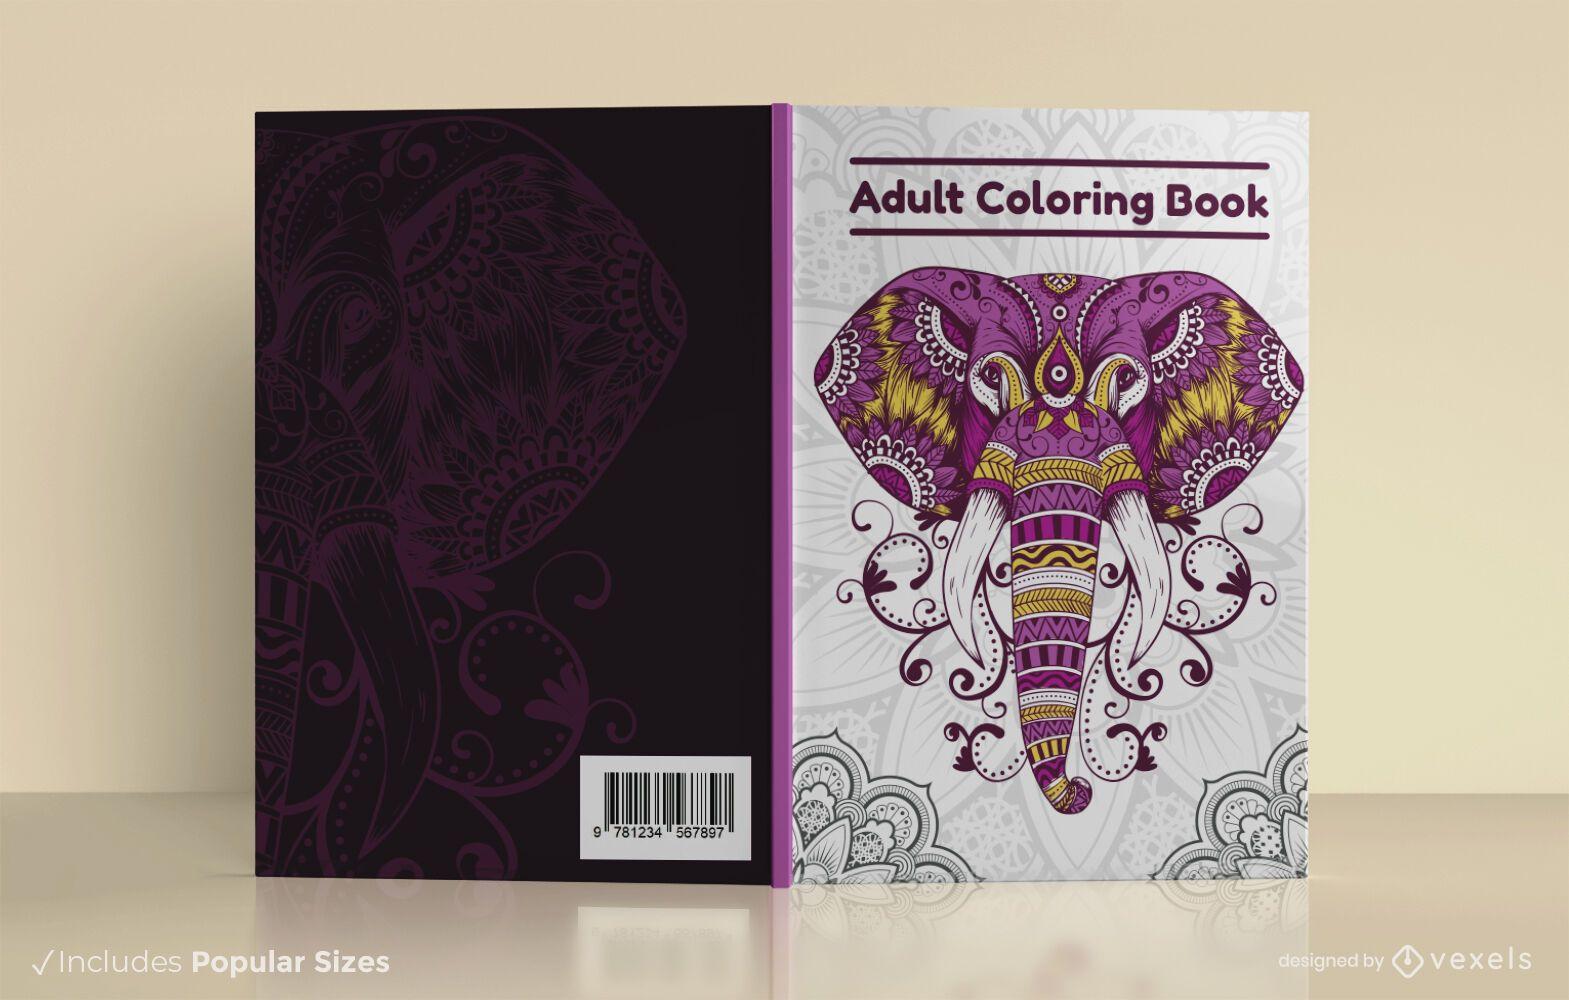 Erwachsenen Malbuch Cover Design